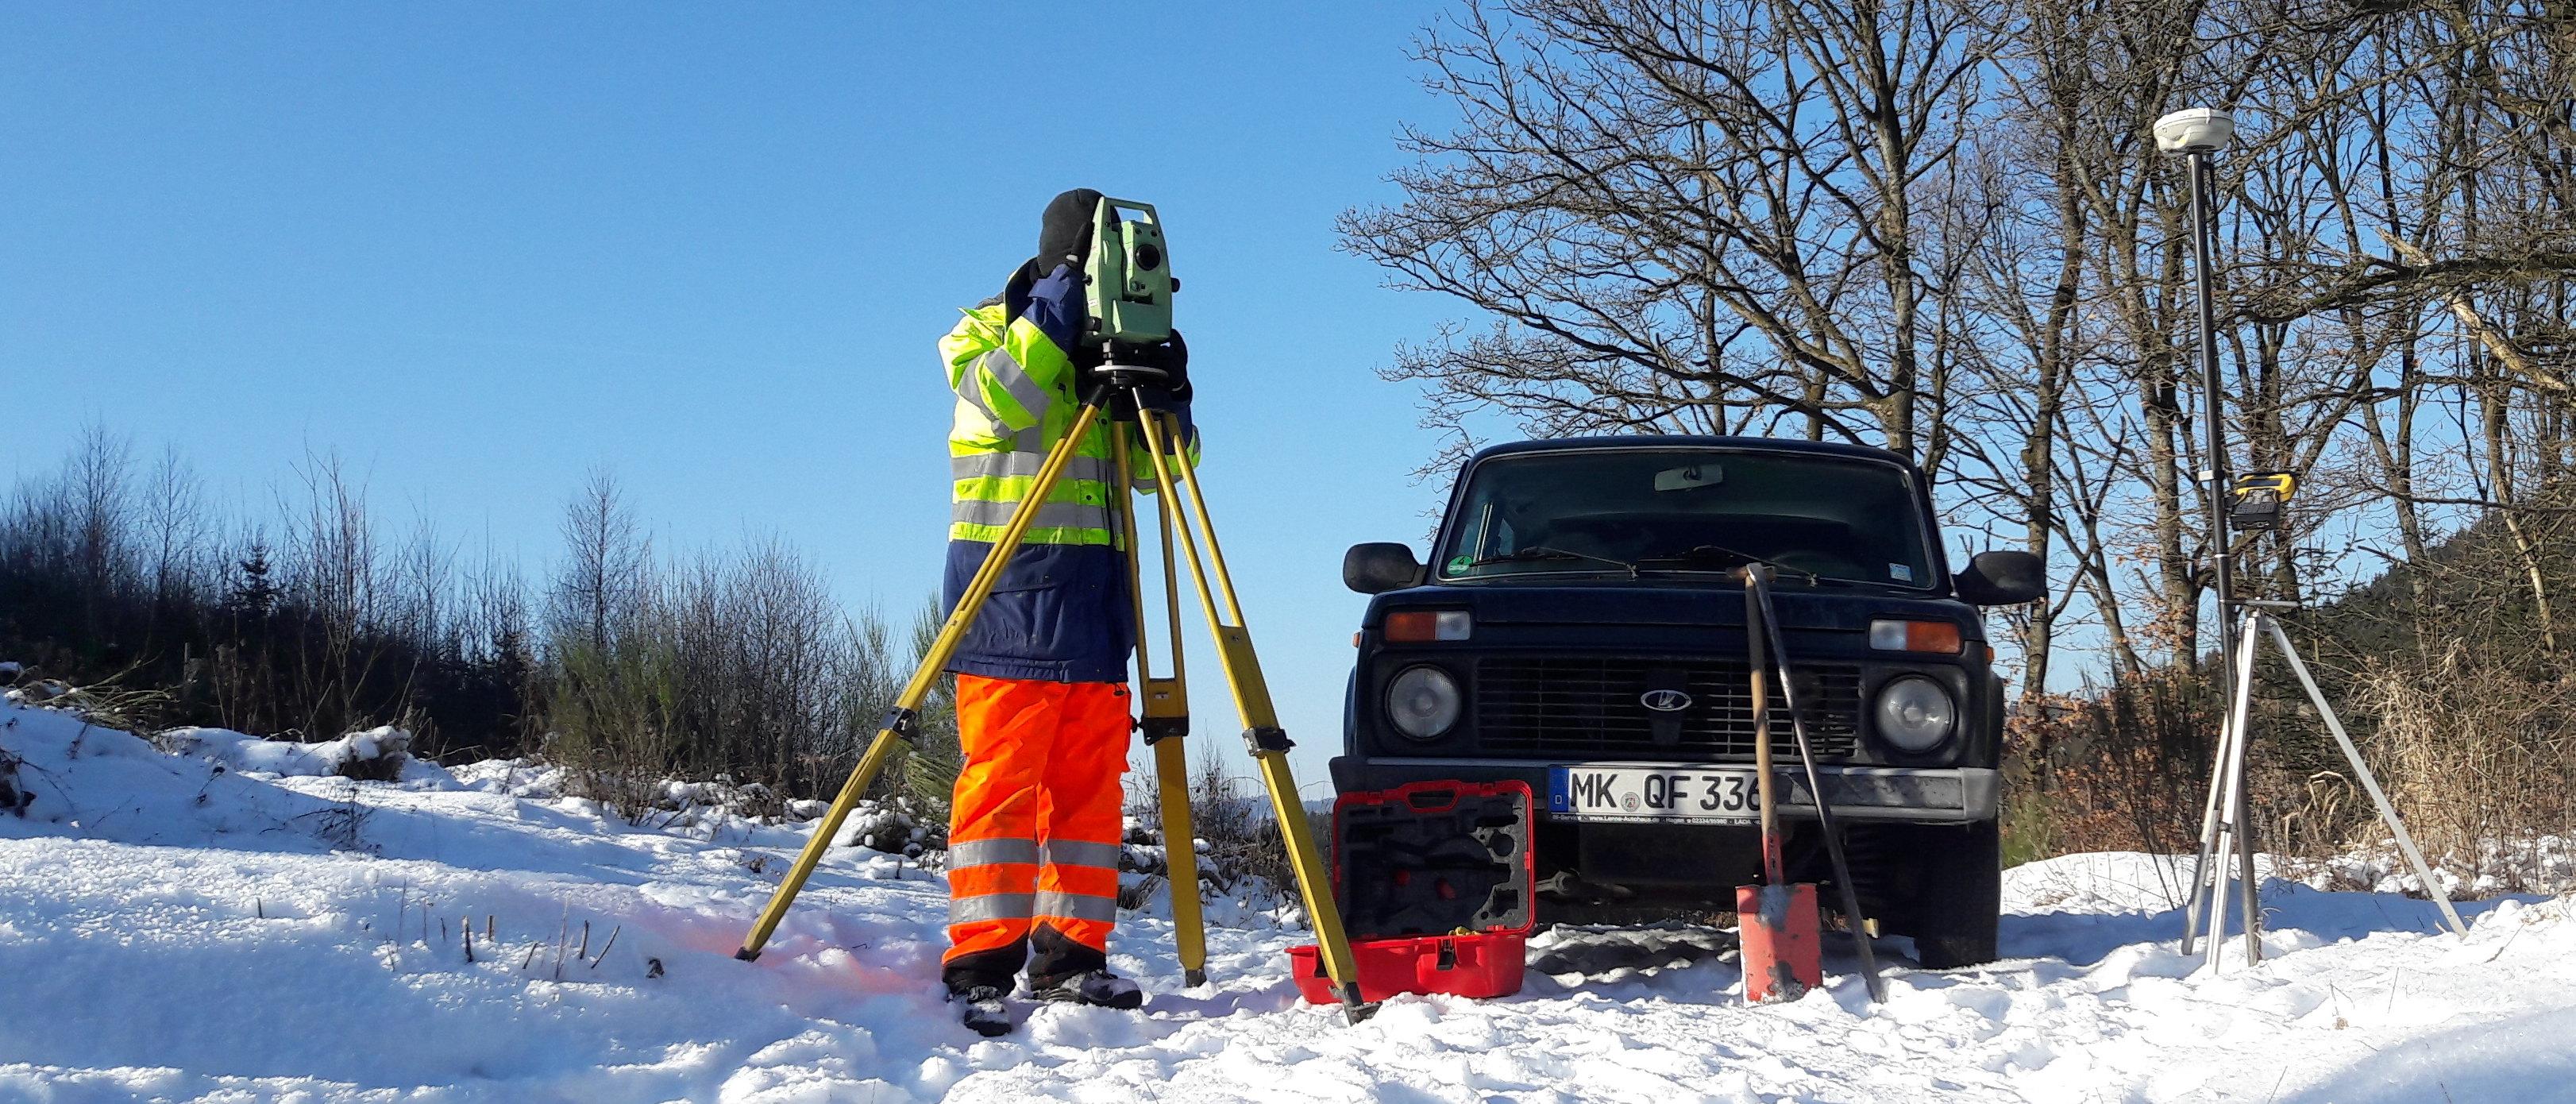 Messgehilfe am Tachymeter im Schnee